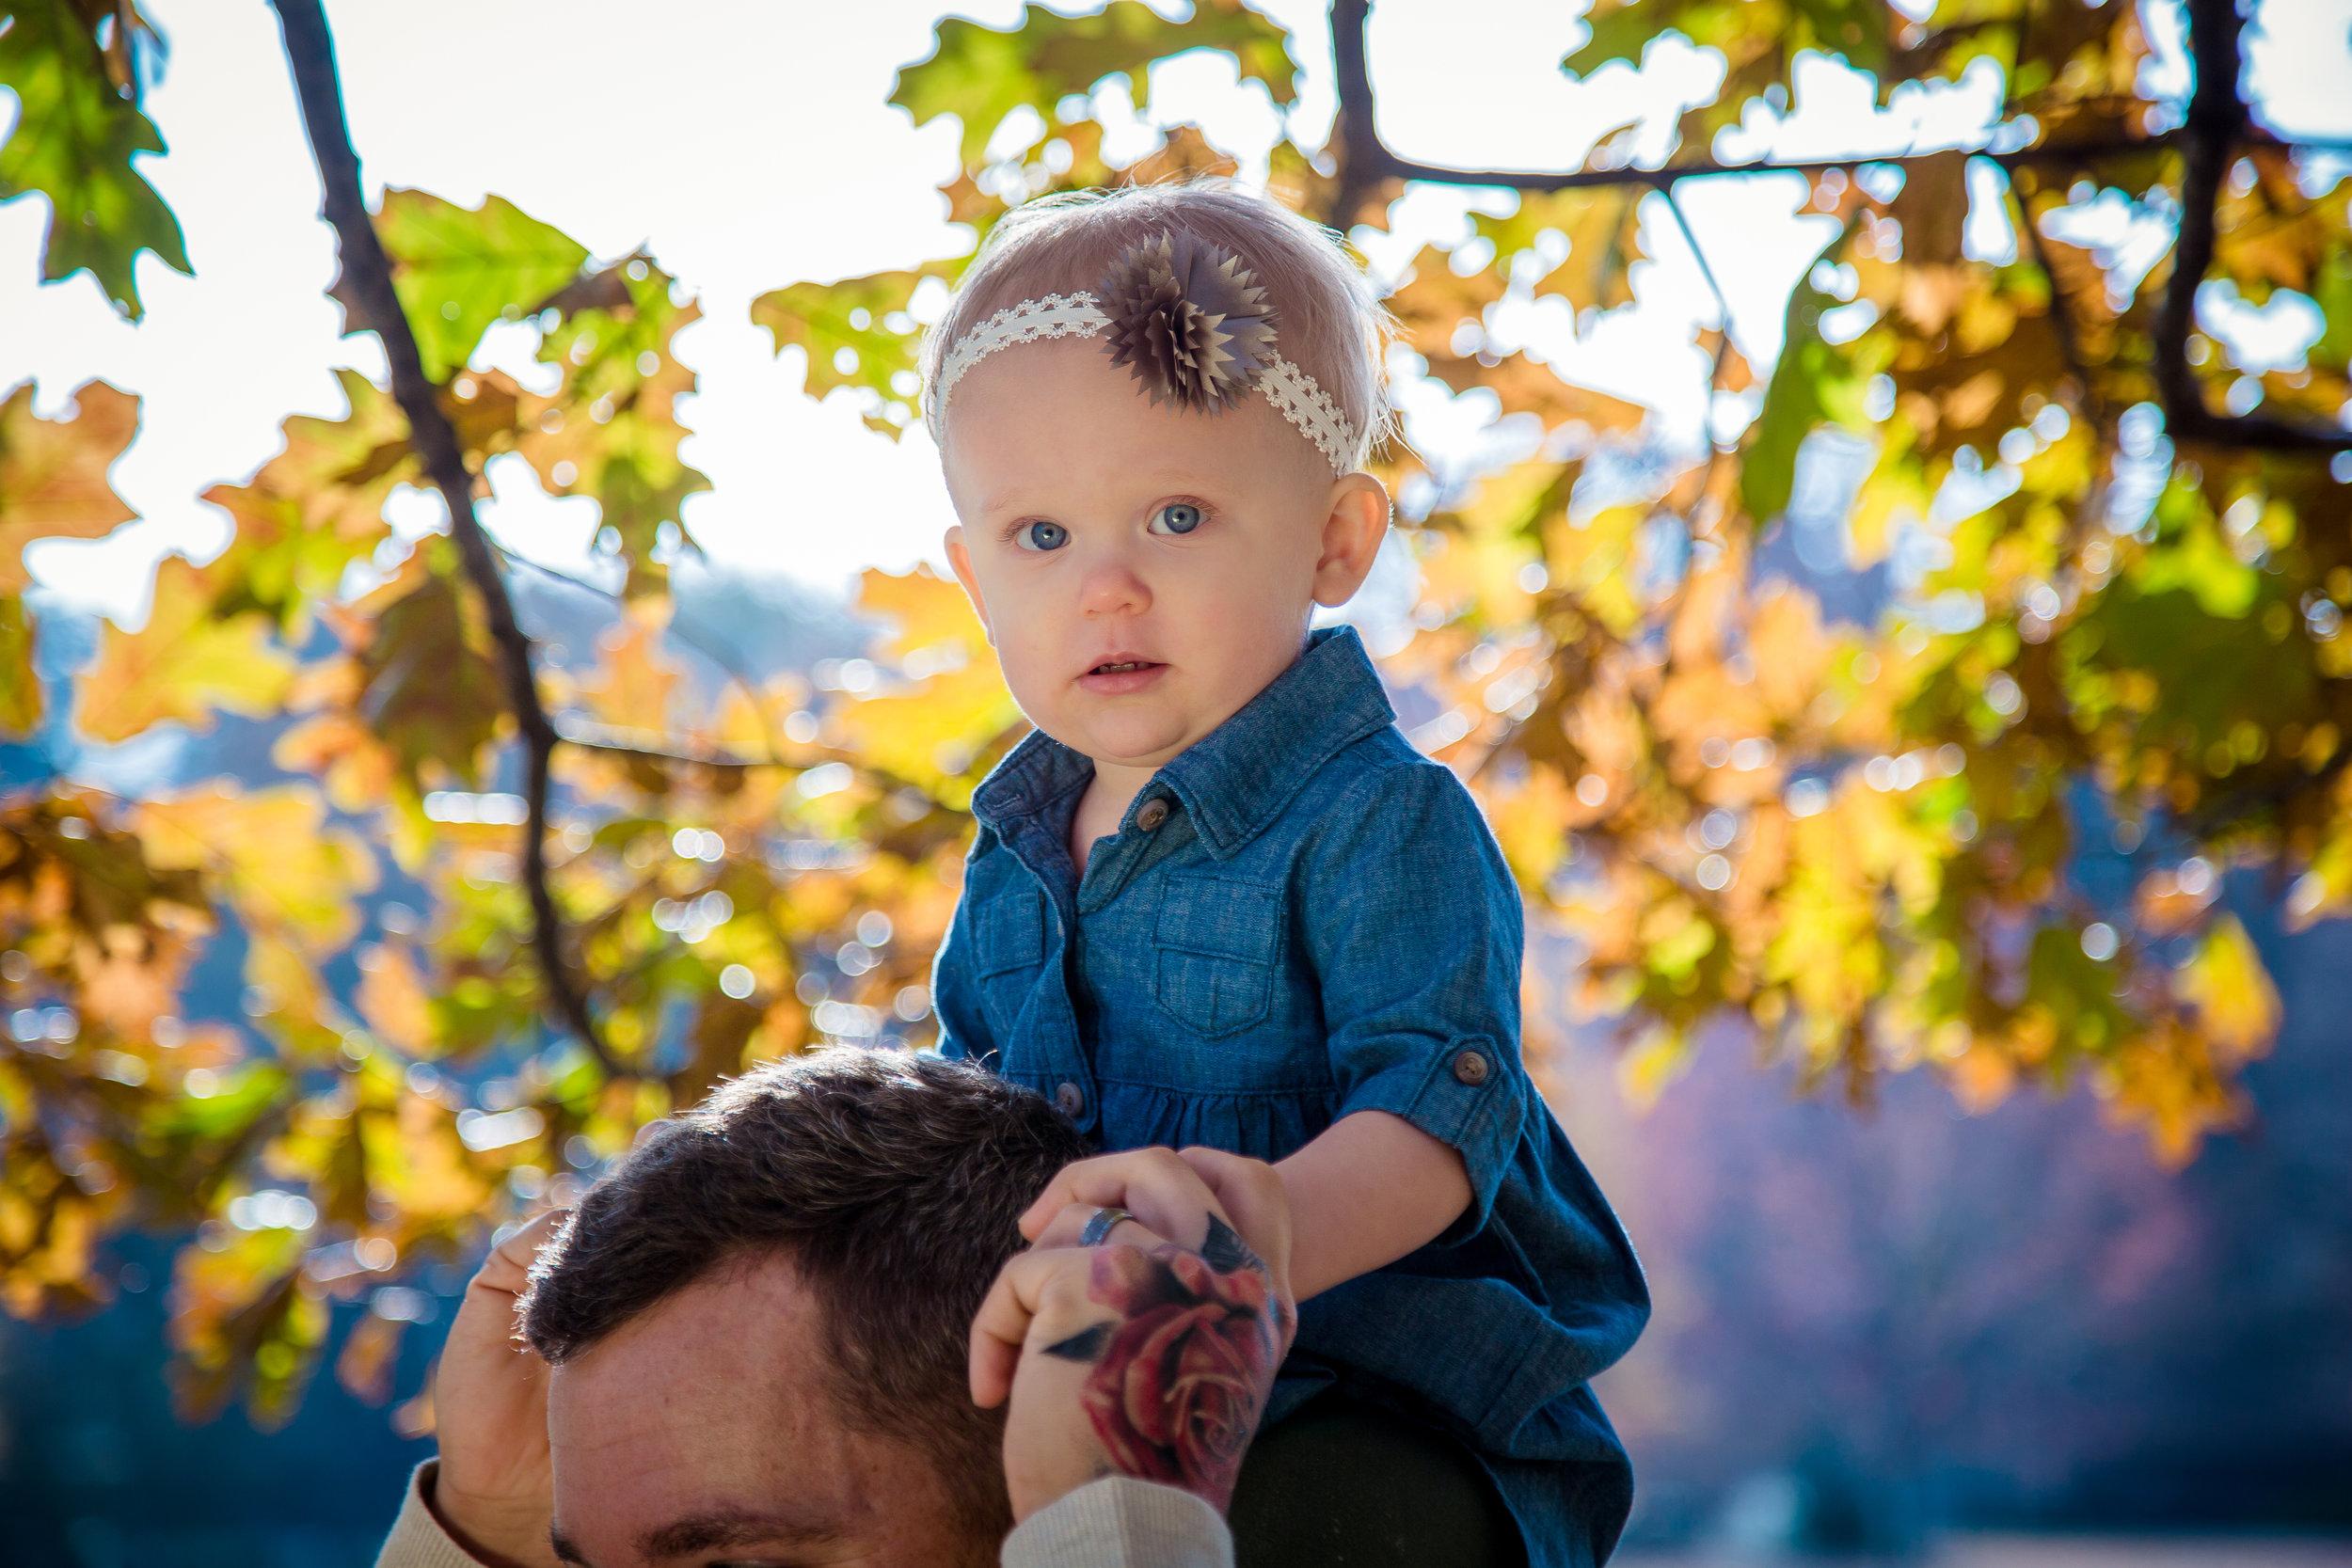 Bennett-Burrell Family Photos 2018 (15 of 39).jpg